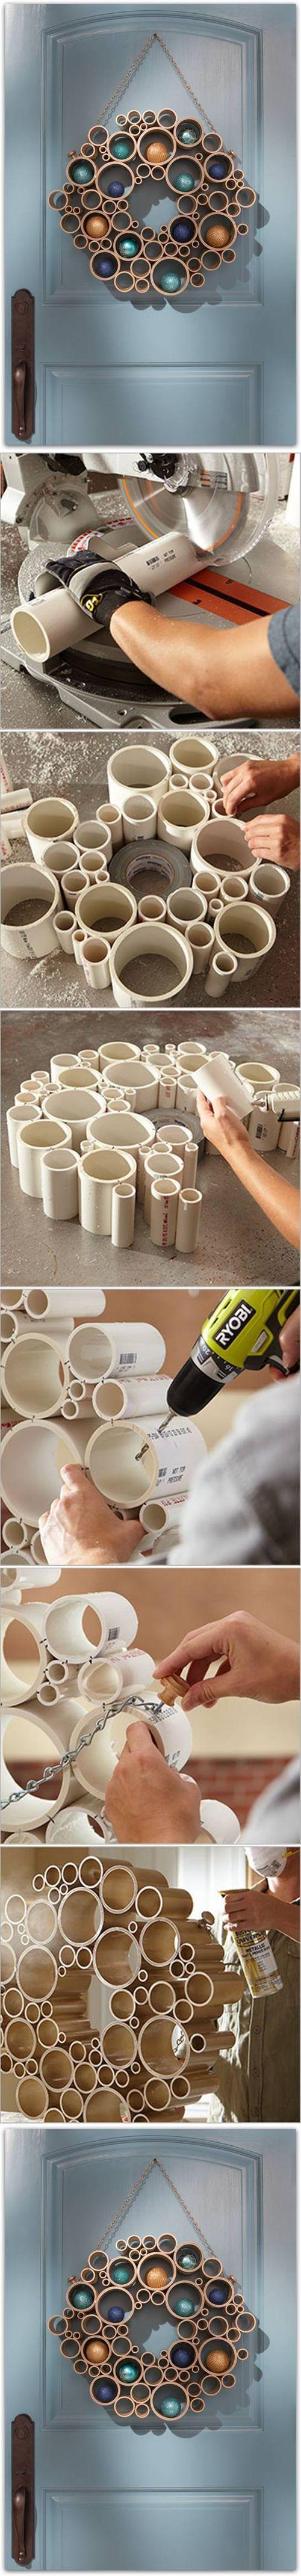 Decor- Preparar una corona con cartones de papel de WC varios tamaños, cartones de papel alumino, diferentes diámetros ... pintar de dorado y decorar con motivos navideños.